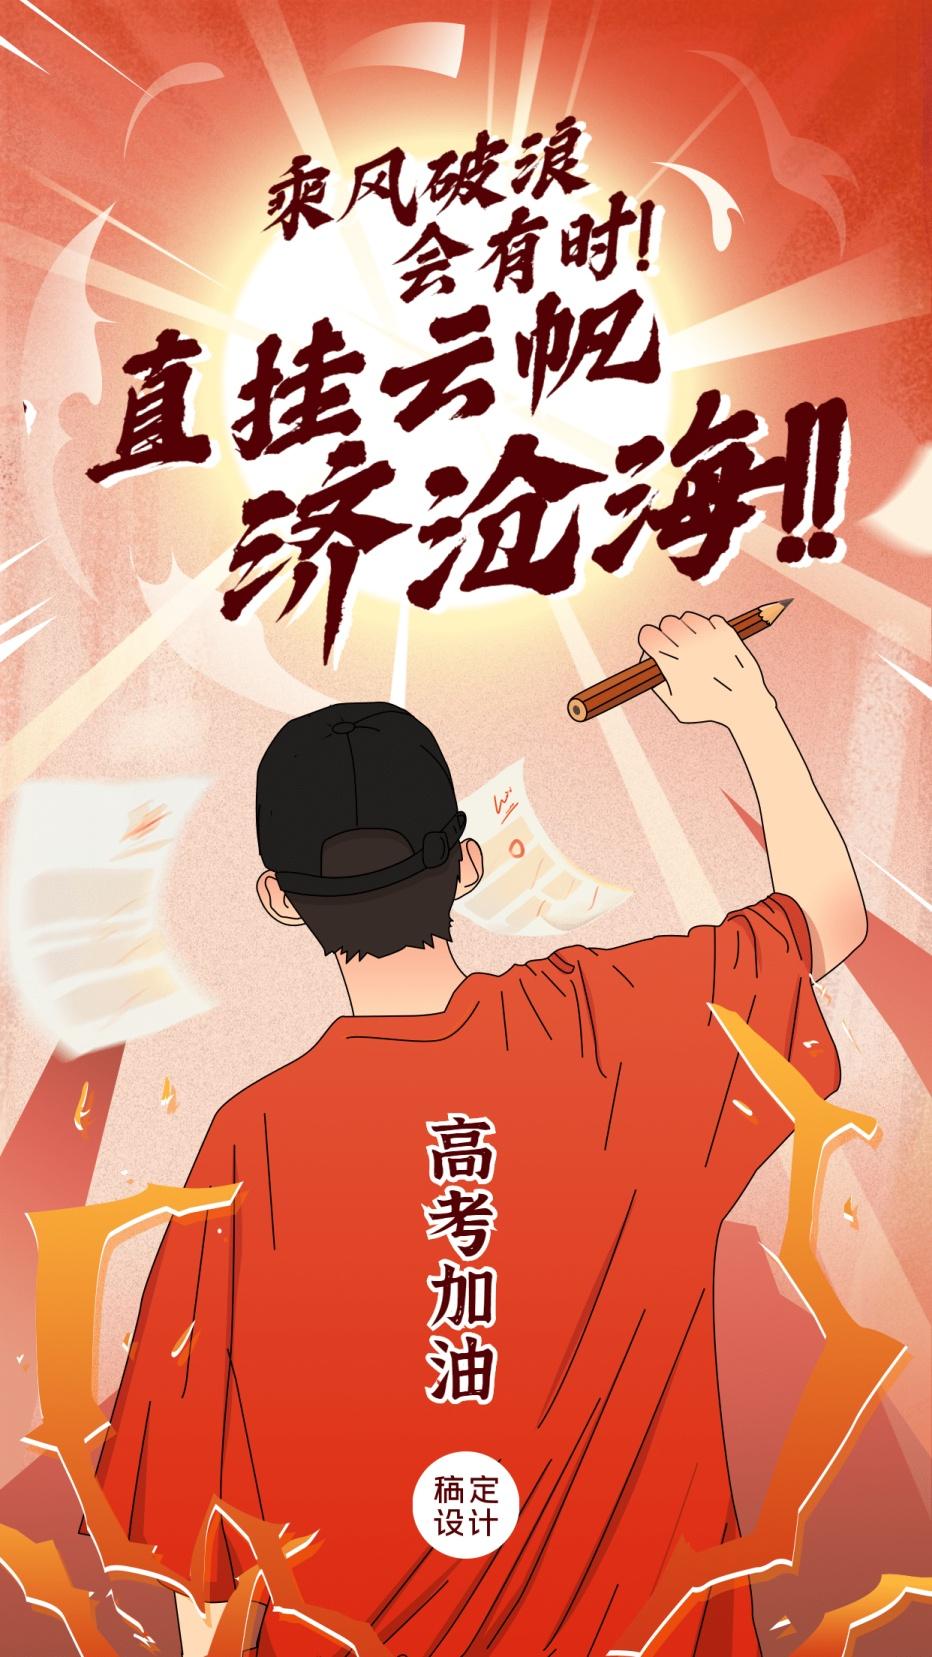 高考加油必胜冲刺教育插画海报